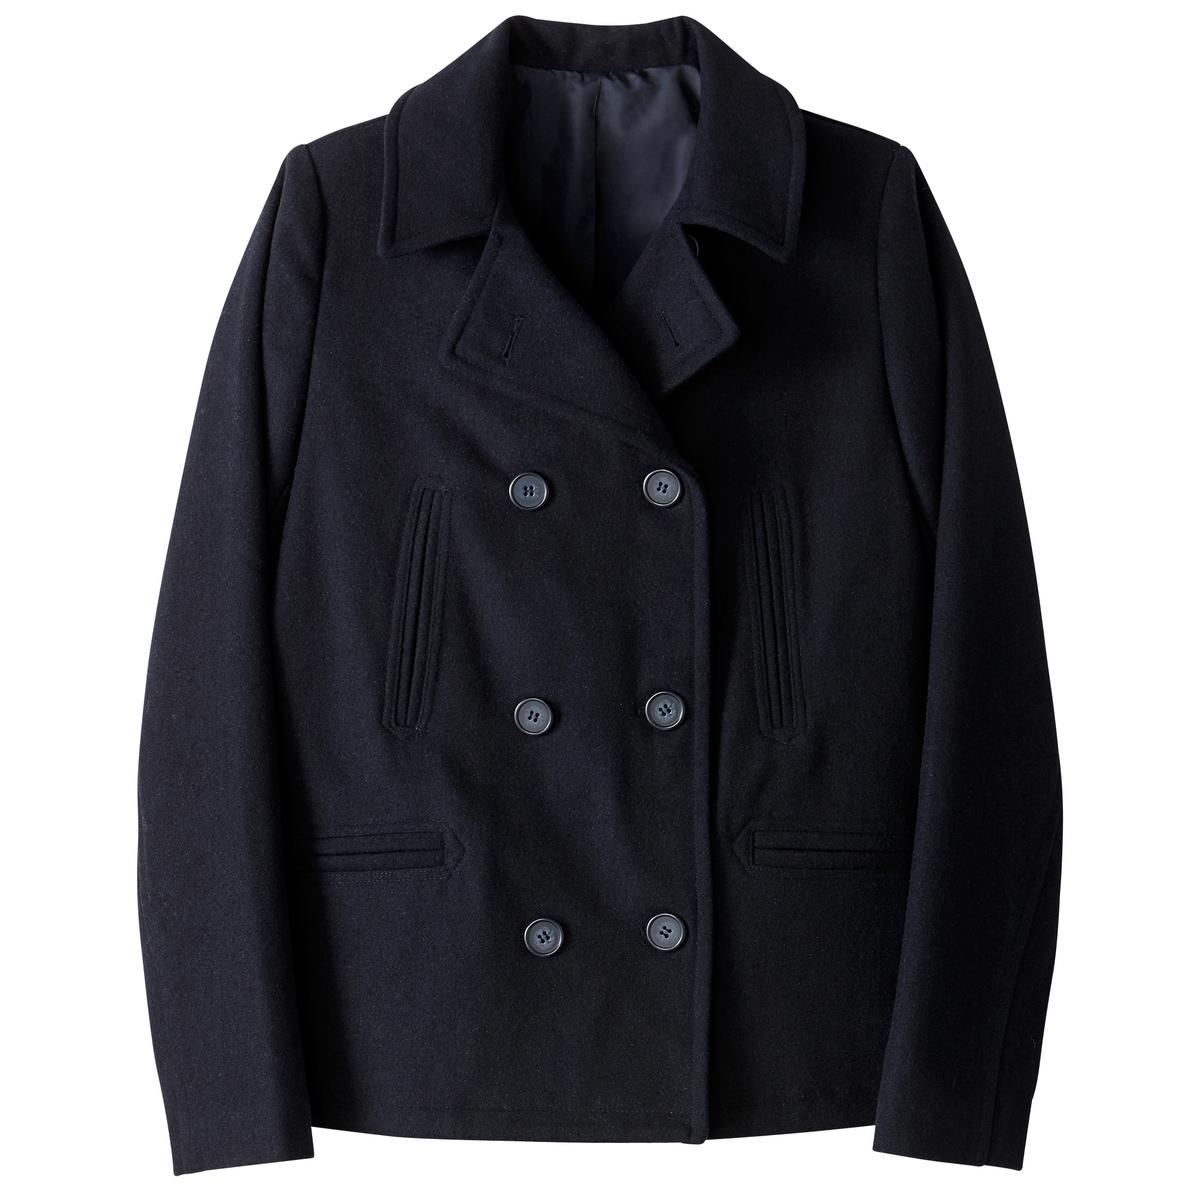 Полупальто классическое 40% шерстиНе выходящий из моды предмет зимнего гардероба, короткое и элегантное пальто-бушлат . Симпатичная дублированная застежка на пуговицы и добротный воротник .Детали •  Длина : укороченная •  Шалевый воротник • Застежка на пуговицыСостав и уход •  40% шерсти, 30% акрила, 5% других волокон, 25% полиэстера • Не стирать  •  Любые растворитель / не отбеливать   •  Не использовать барабанную сушку   •  Низкая температура глажки •  Длина : 67 см.<br><br>Цвет: синий морской,шоколадный<br>Размер: 34 (FR) - 40 (RUS).48 (FR) - 54 (RUS).46 (FR) - 52 (RUS).40 (FR) - 46 (RUS).38 (FR) - 44 (RUS).36 (FR) - 42 (RUS).52 (FR) - 58 (RUS).44 (FR) - 50 (RUS).36 (FR) - 42 (RUS).44 (FR) - 50 (RUS).42 (FR) - 48 (RUS)